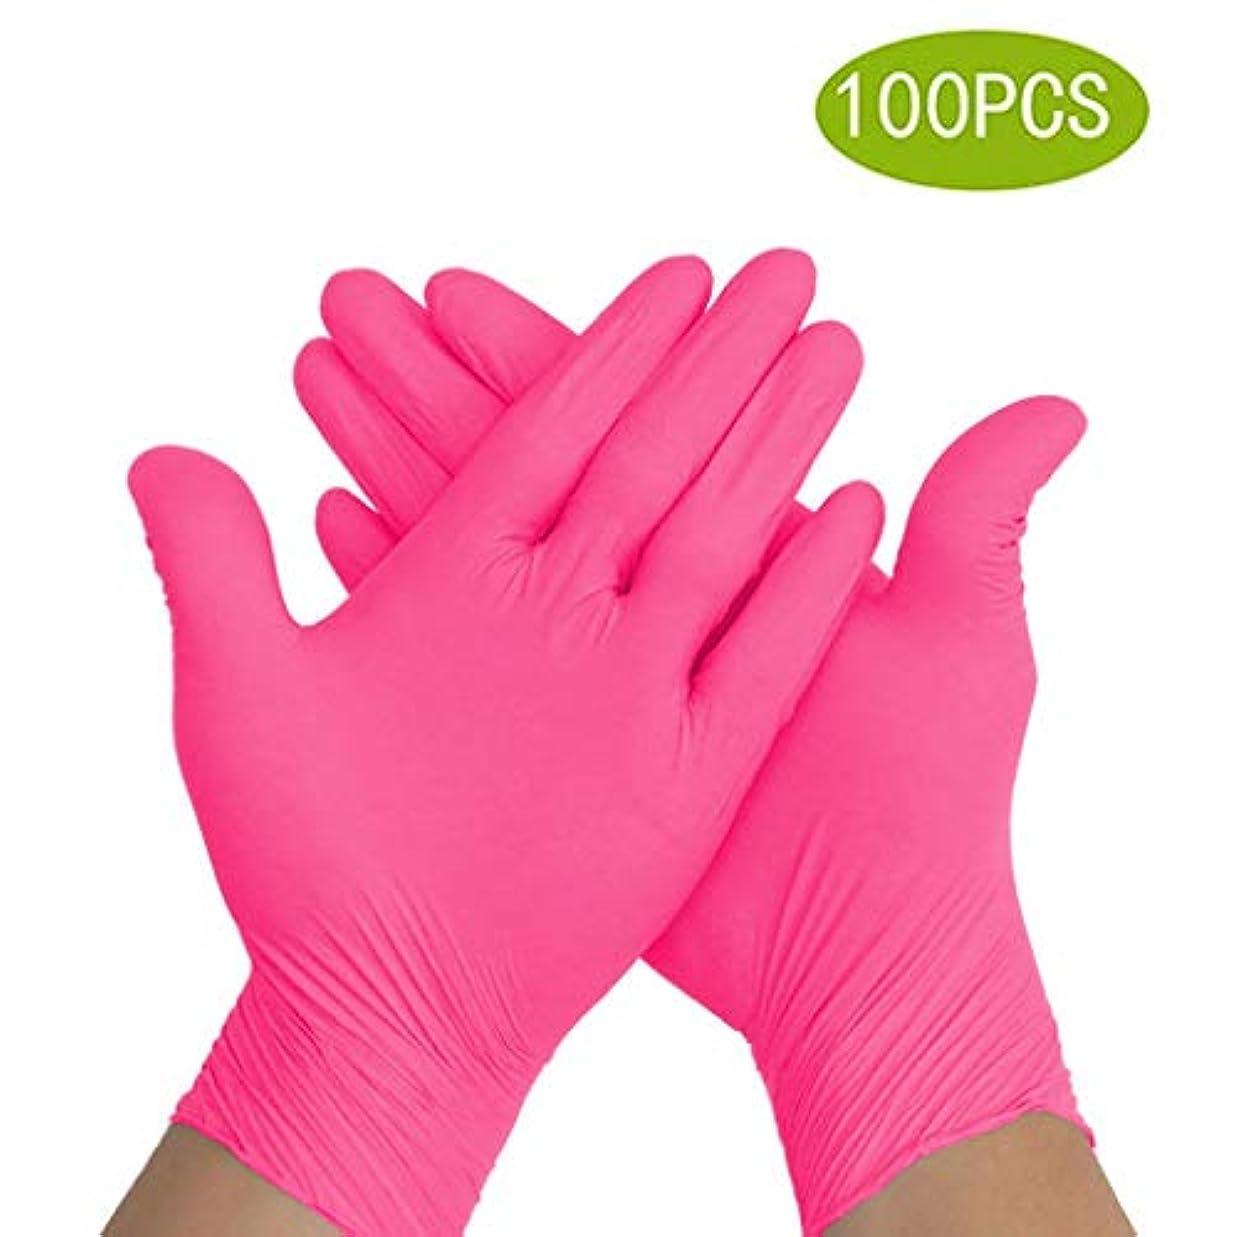 調和のとれた考え大きさニトリル使い捨て手袋、パウダーフリーのレッドビューティーサロンタトゥー、食品用手袋、ラテックスフリー、100個ディスペンサーパック (Size : S)